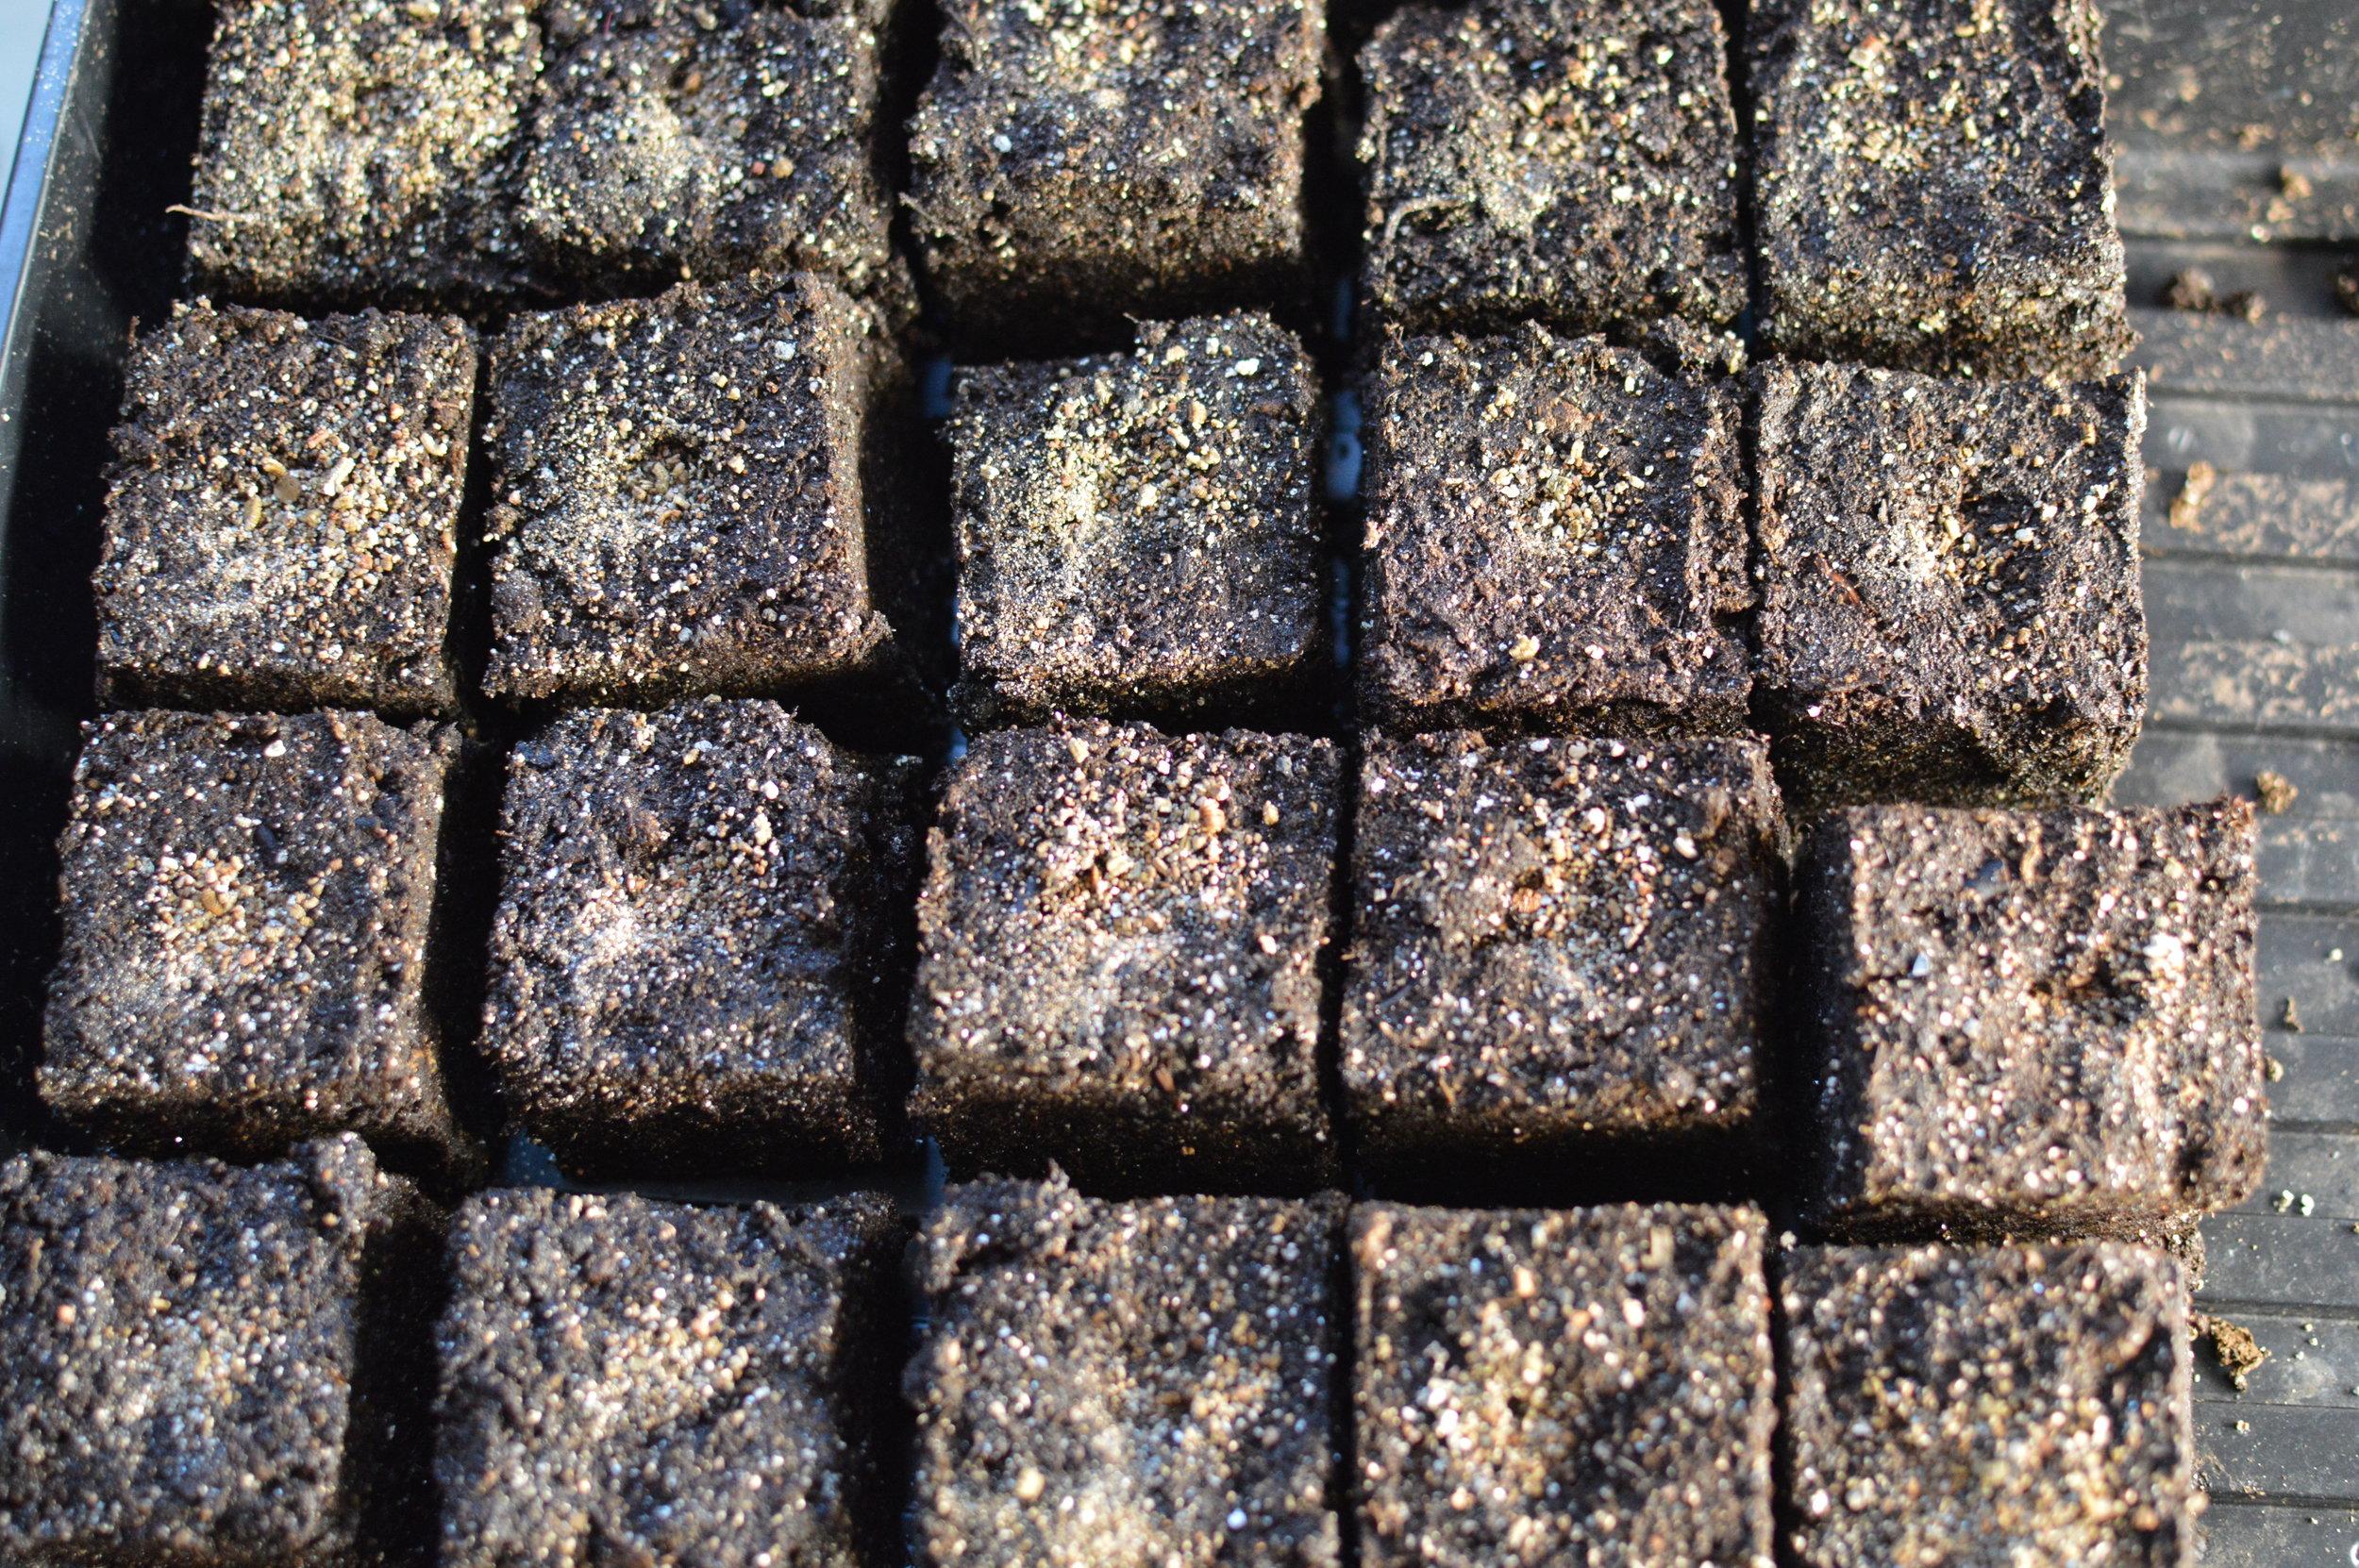 Soil Block Seed Start.JPG